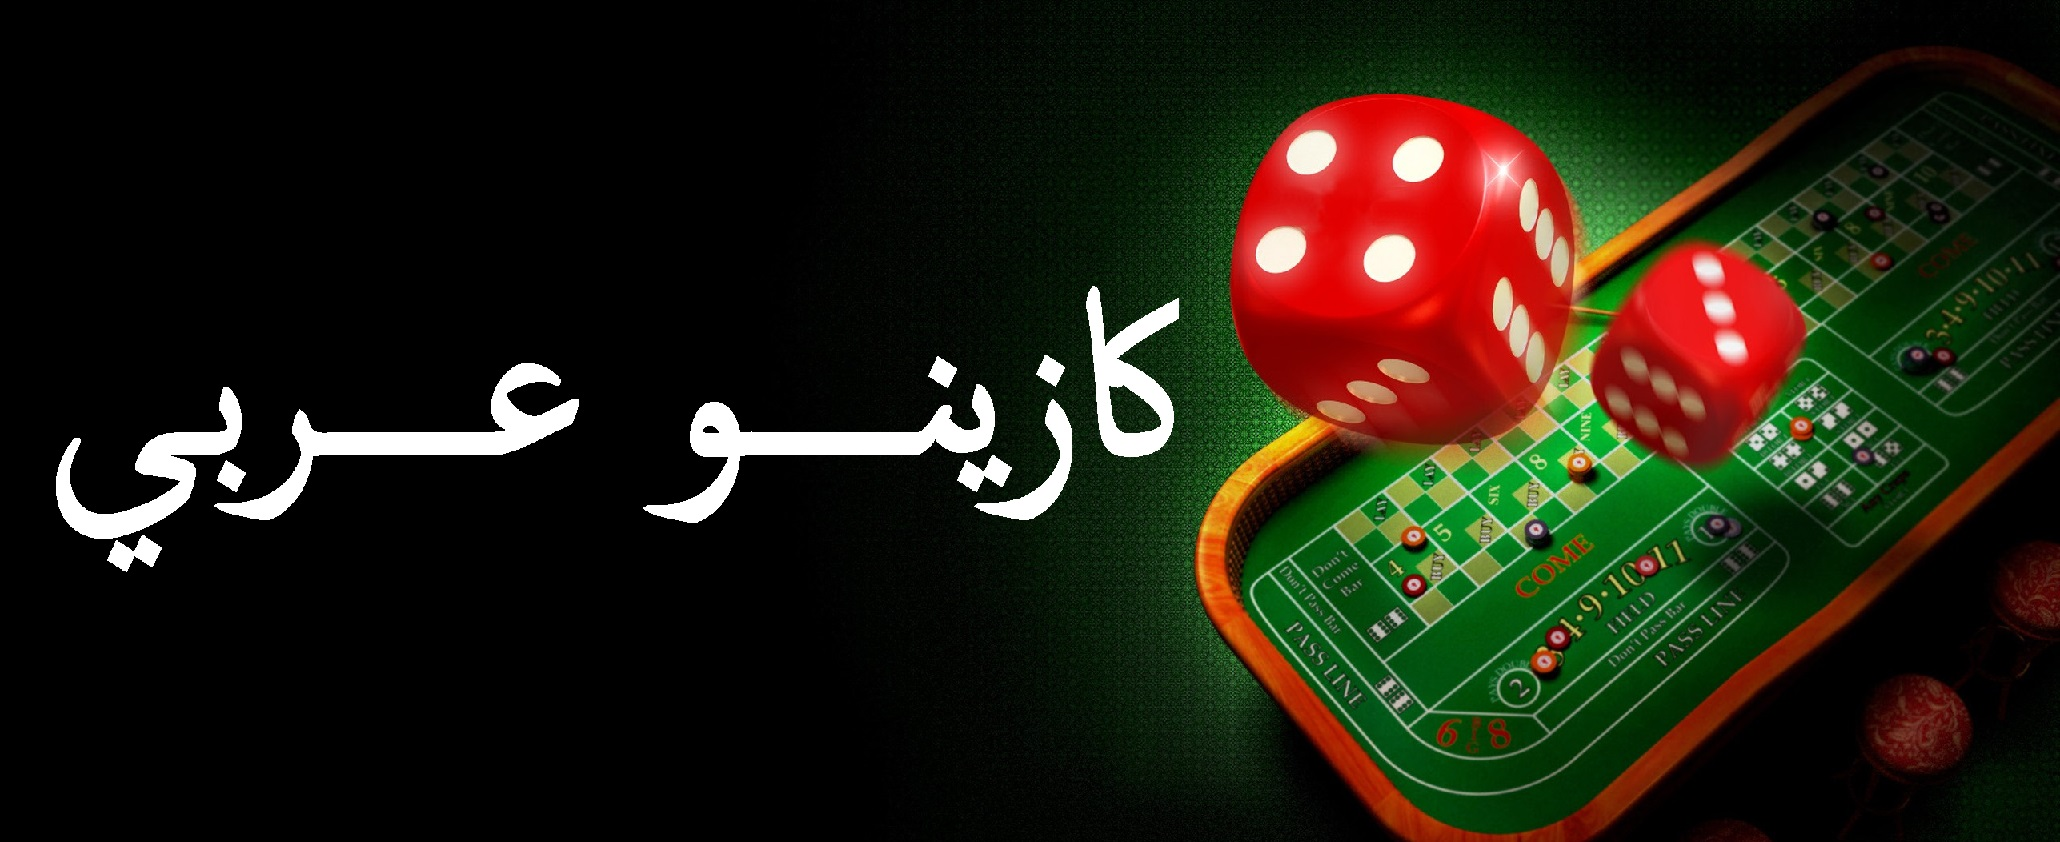 كازينو العرب 791321